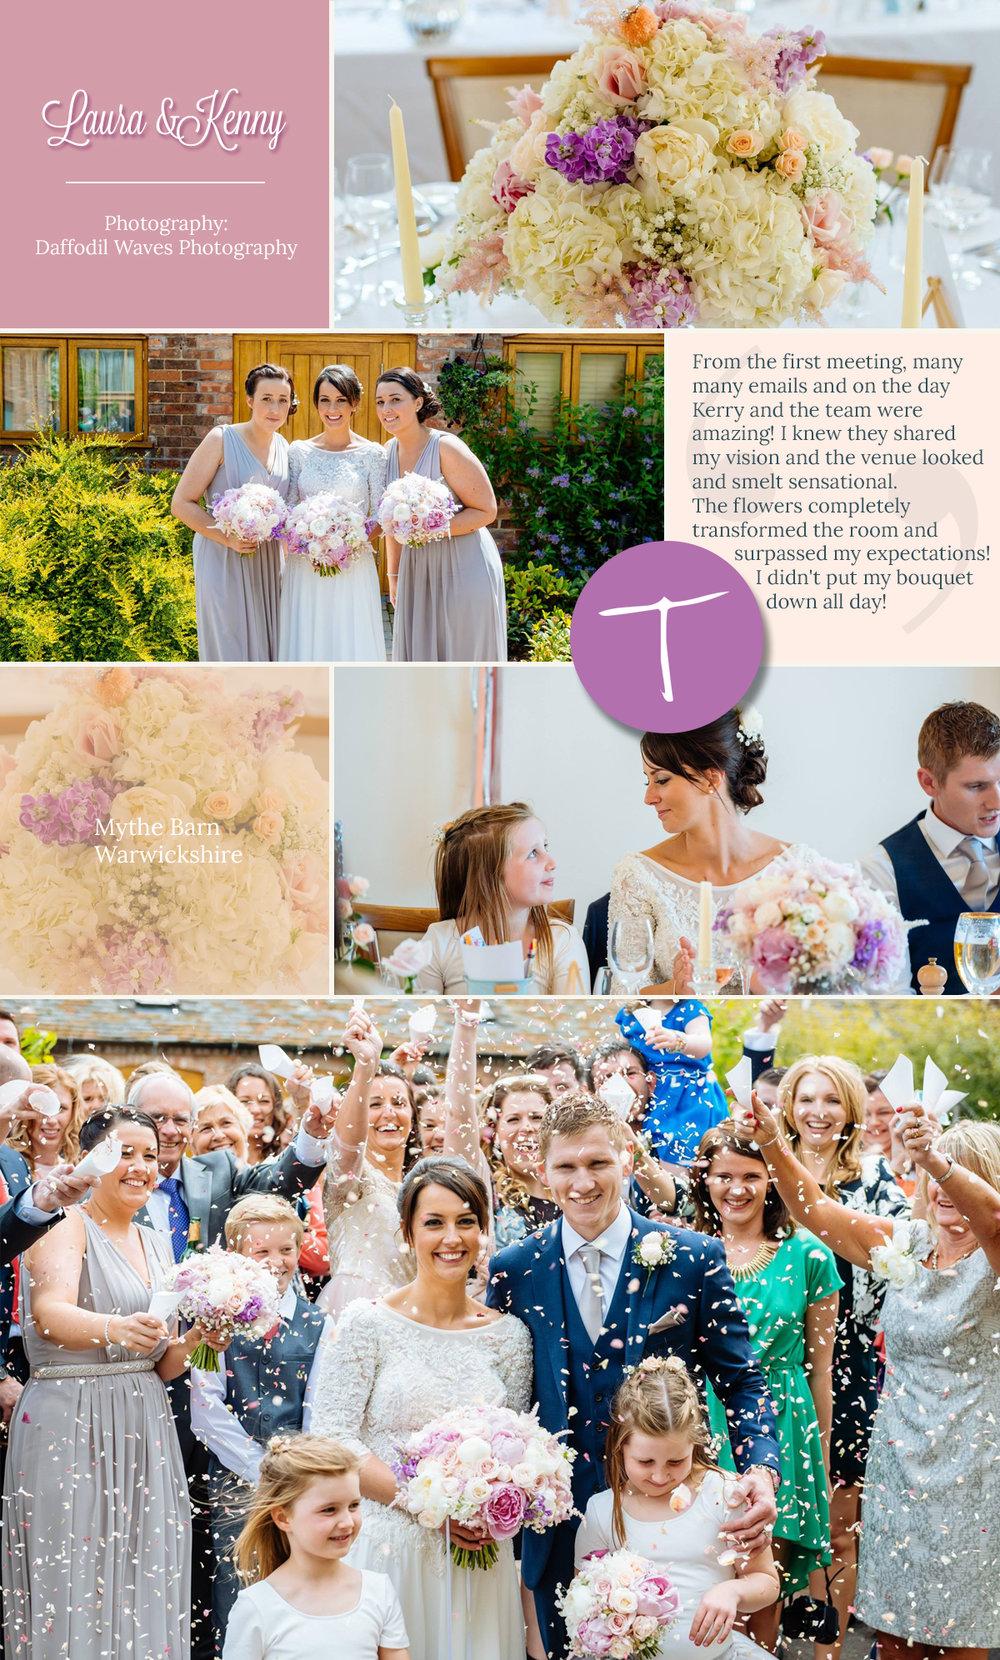 Mythe Barn, Warwickshire wedding flowers by Tineke based in Derbyshire.